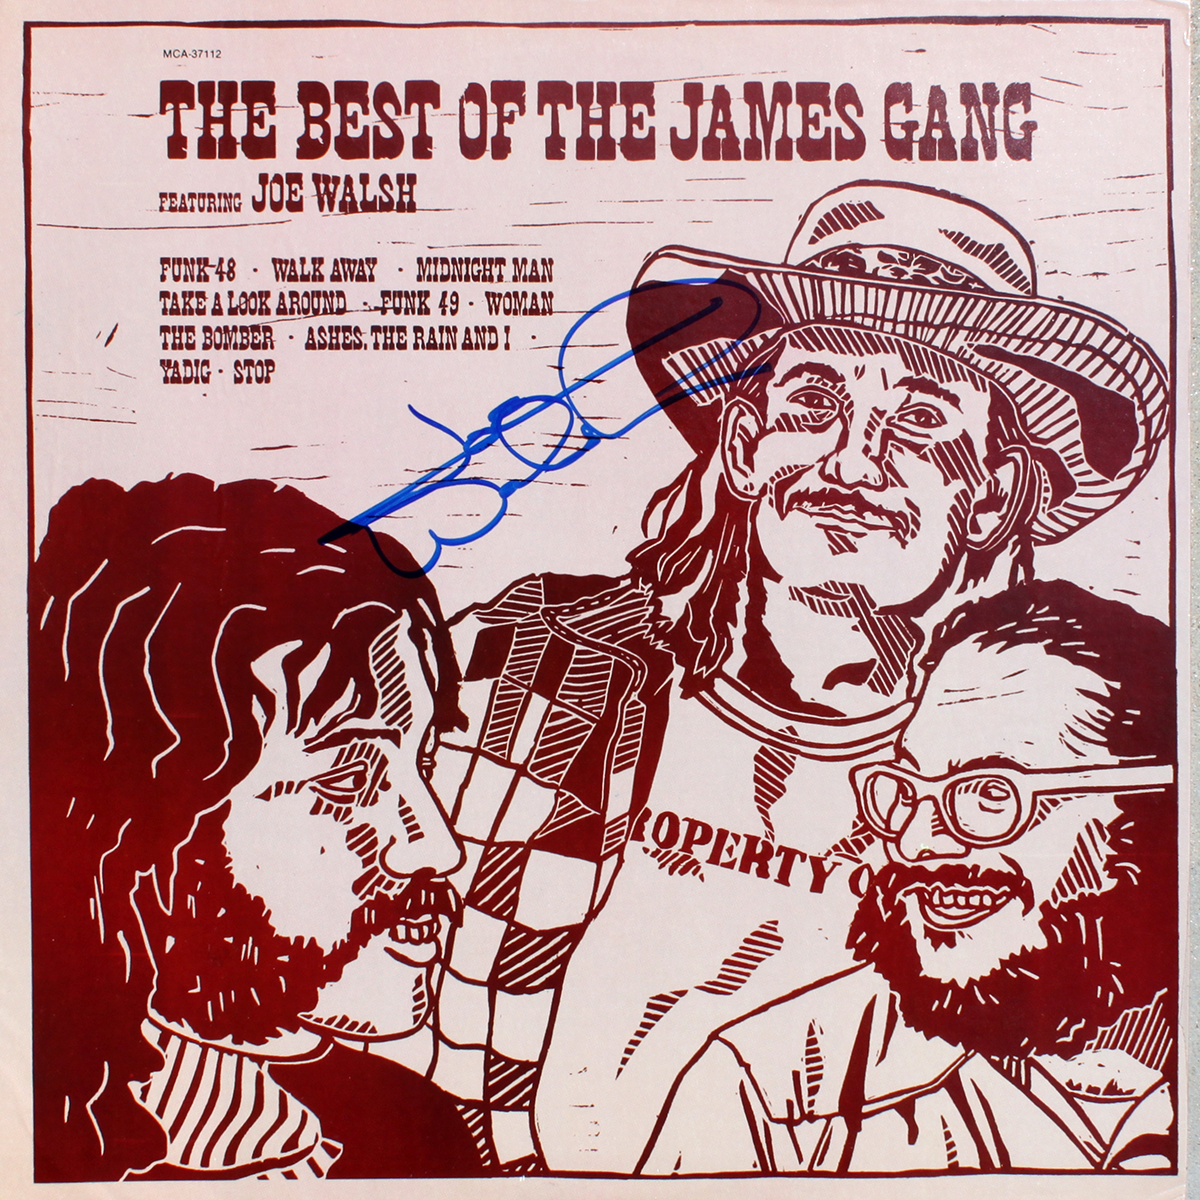 Joe Walsh LP - Best of The James Gang